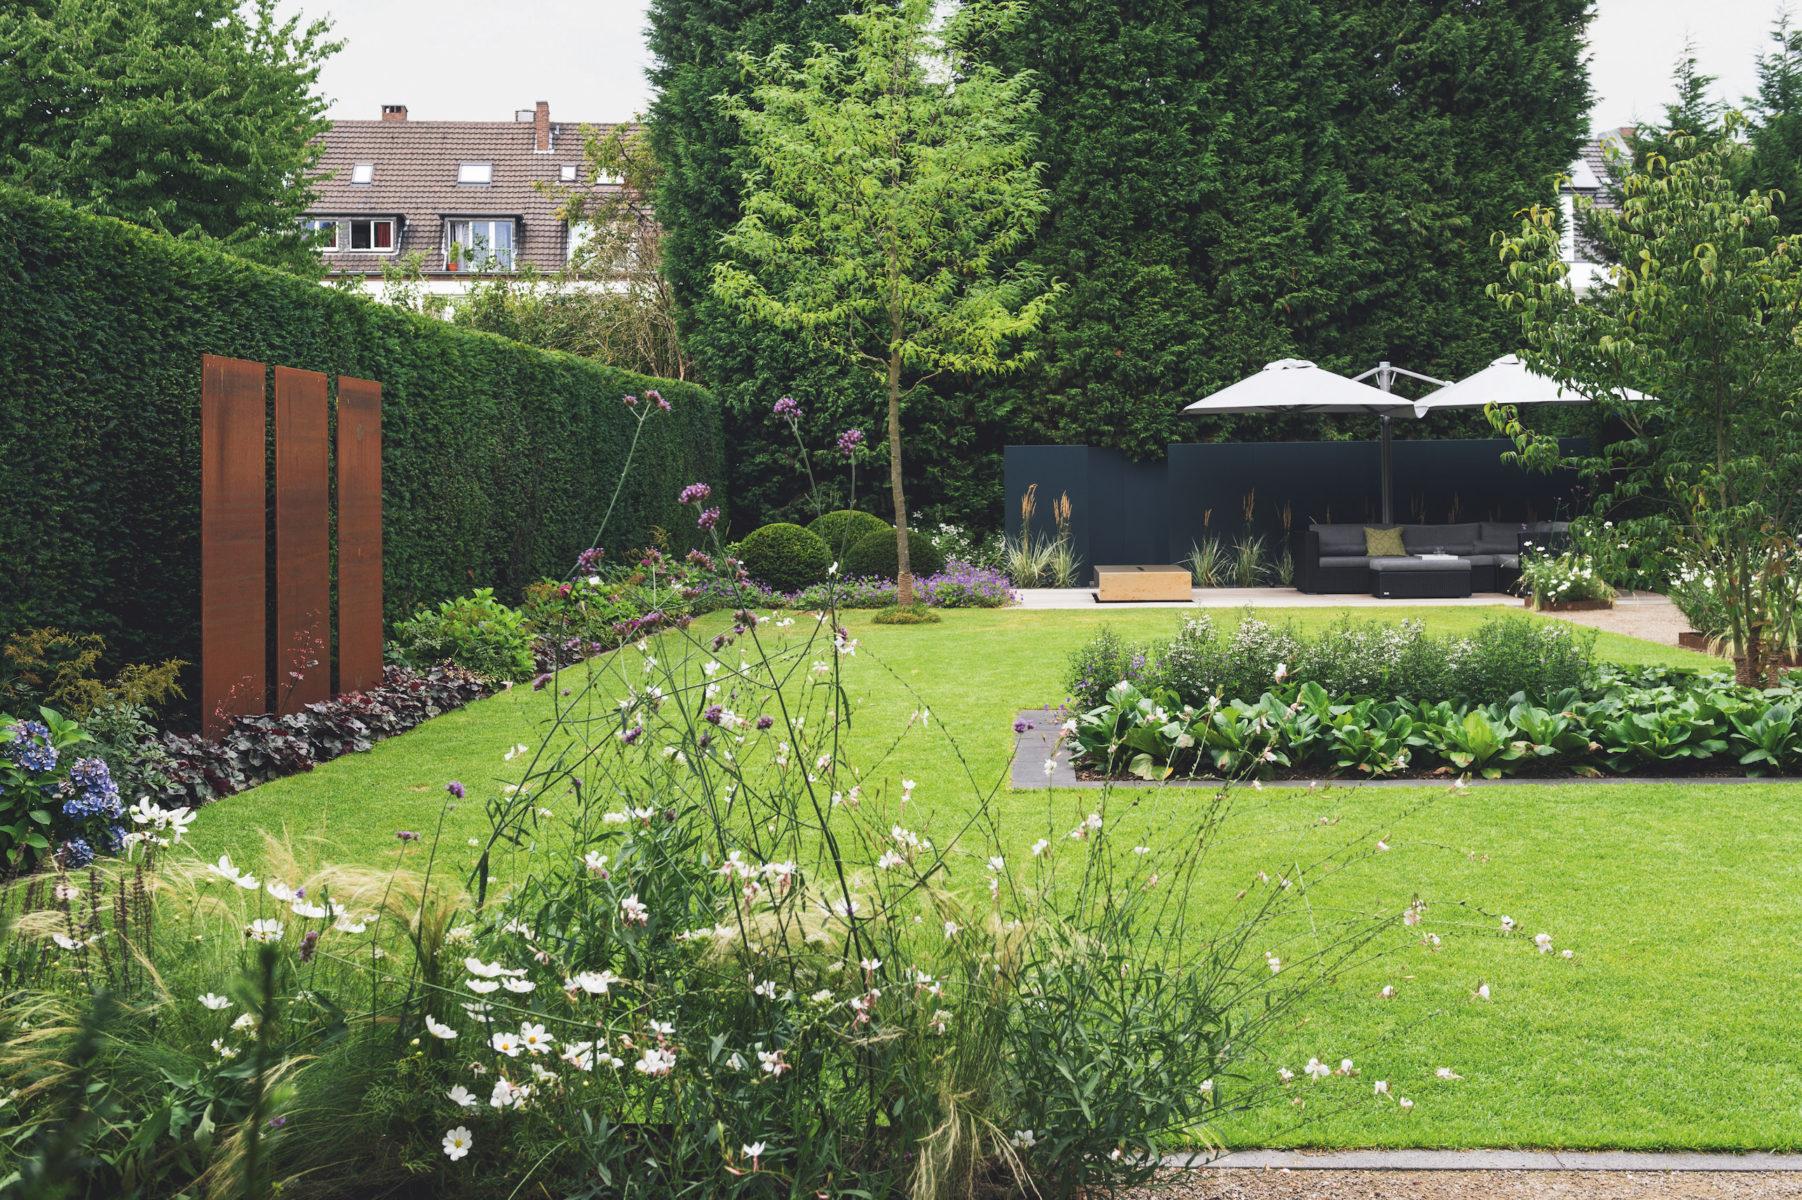 Callwey Gartenstory